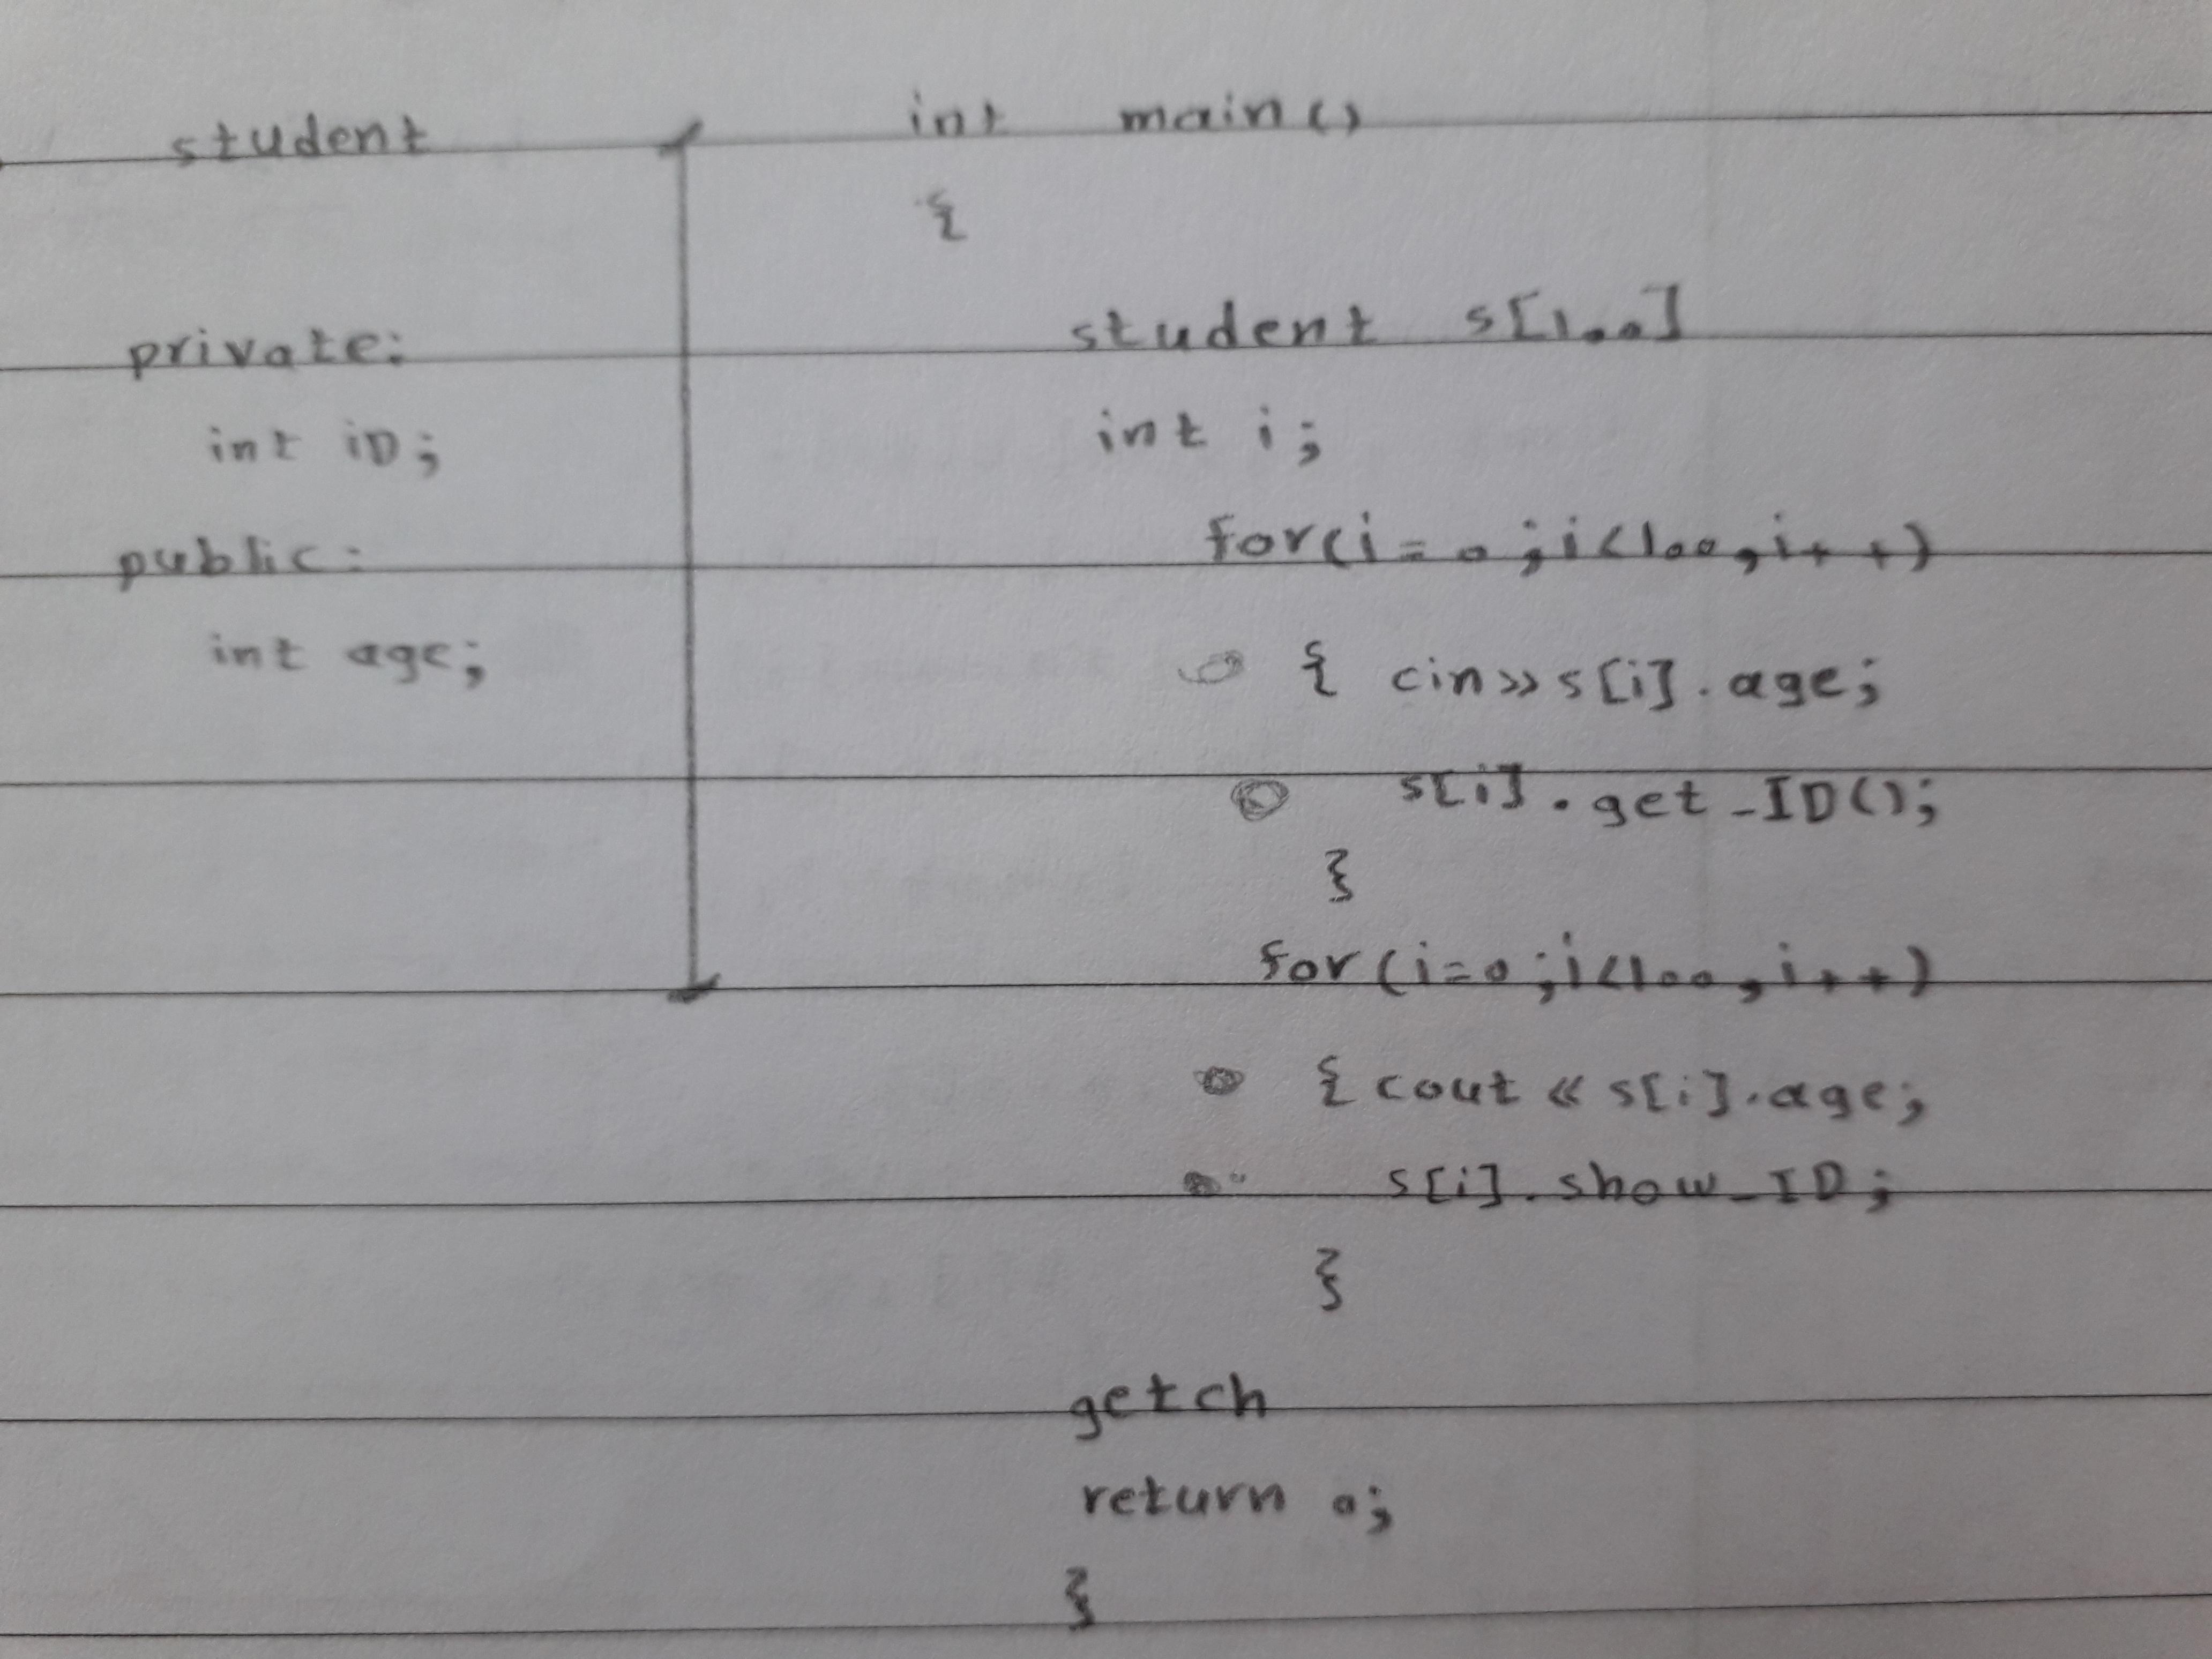 20190601 145723 - برنامه چاپ معدل دانشجویان در c++